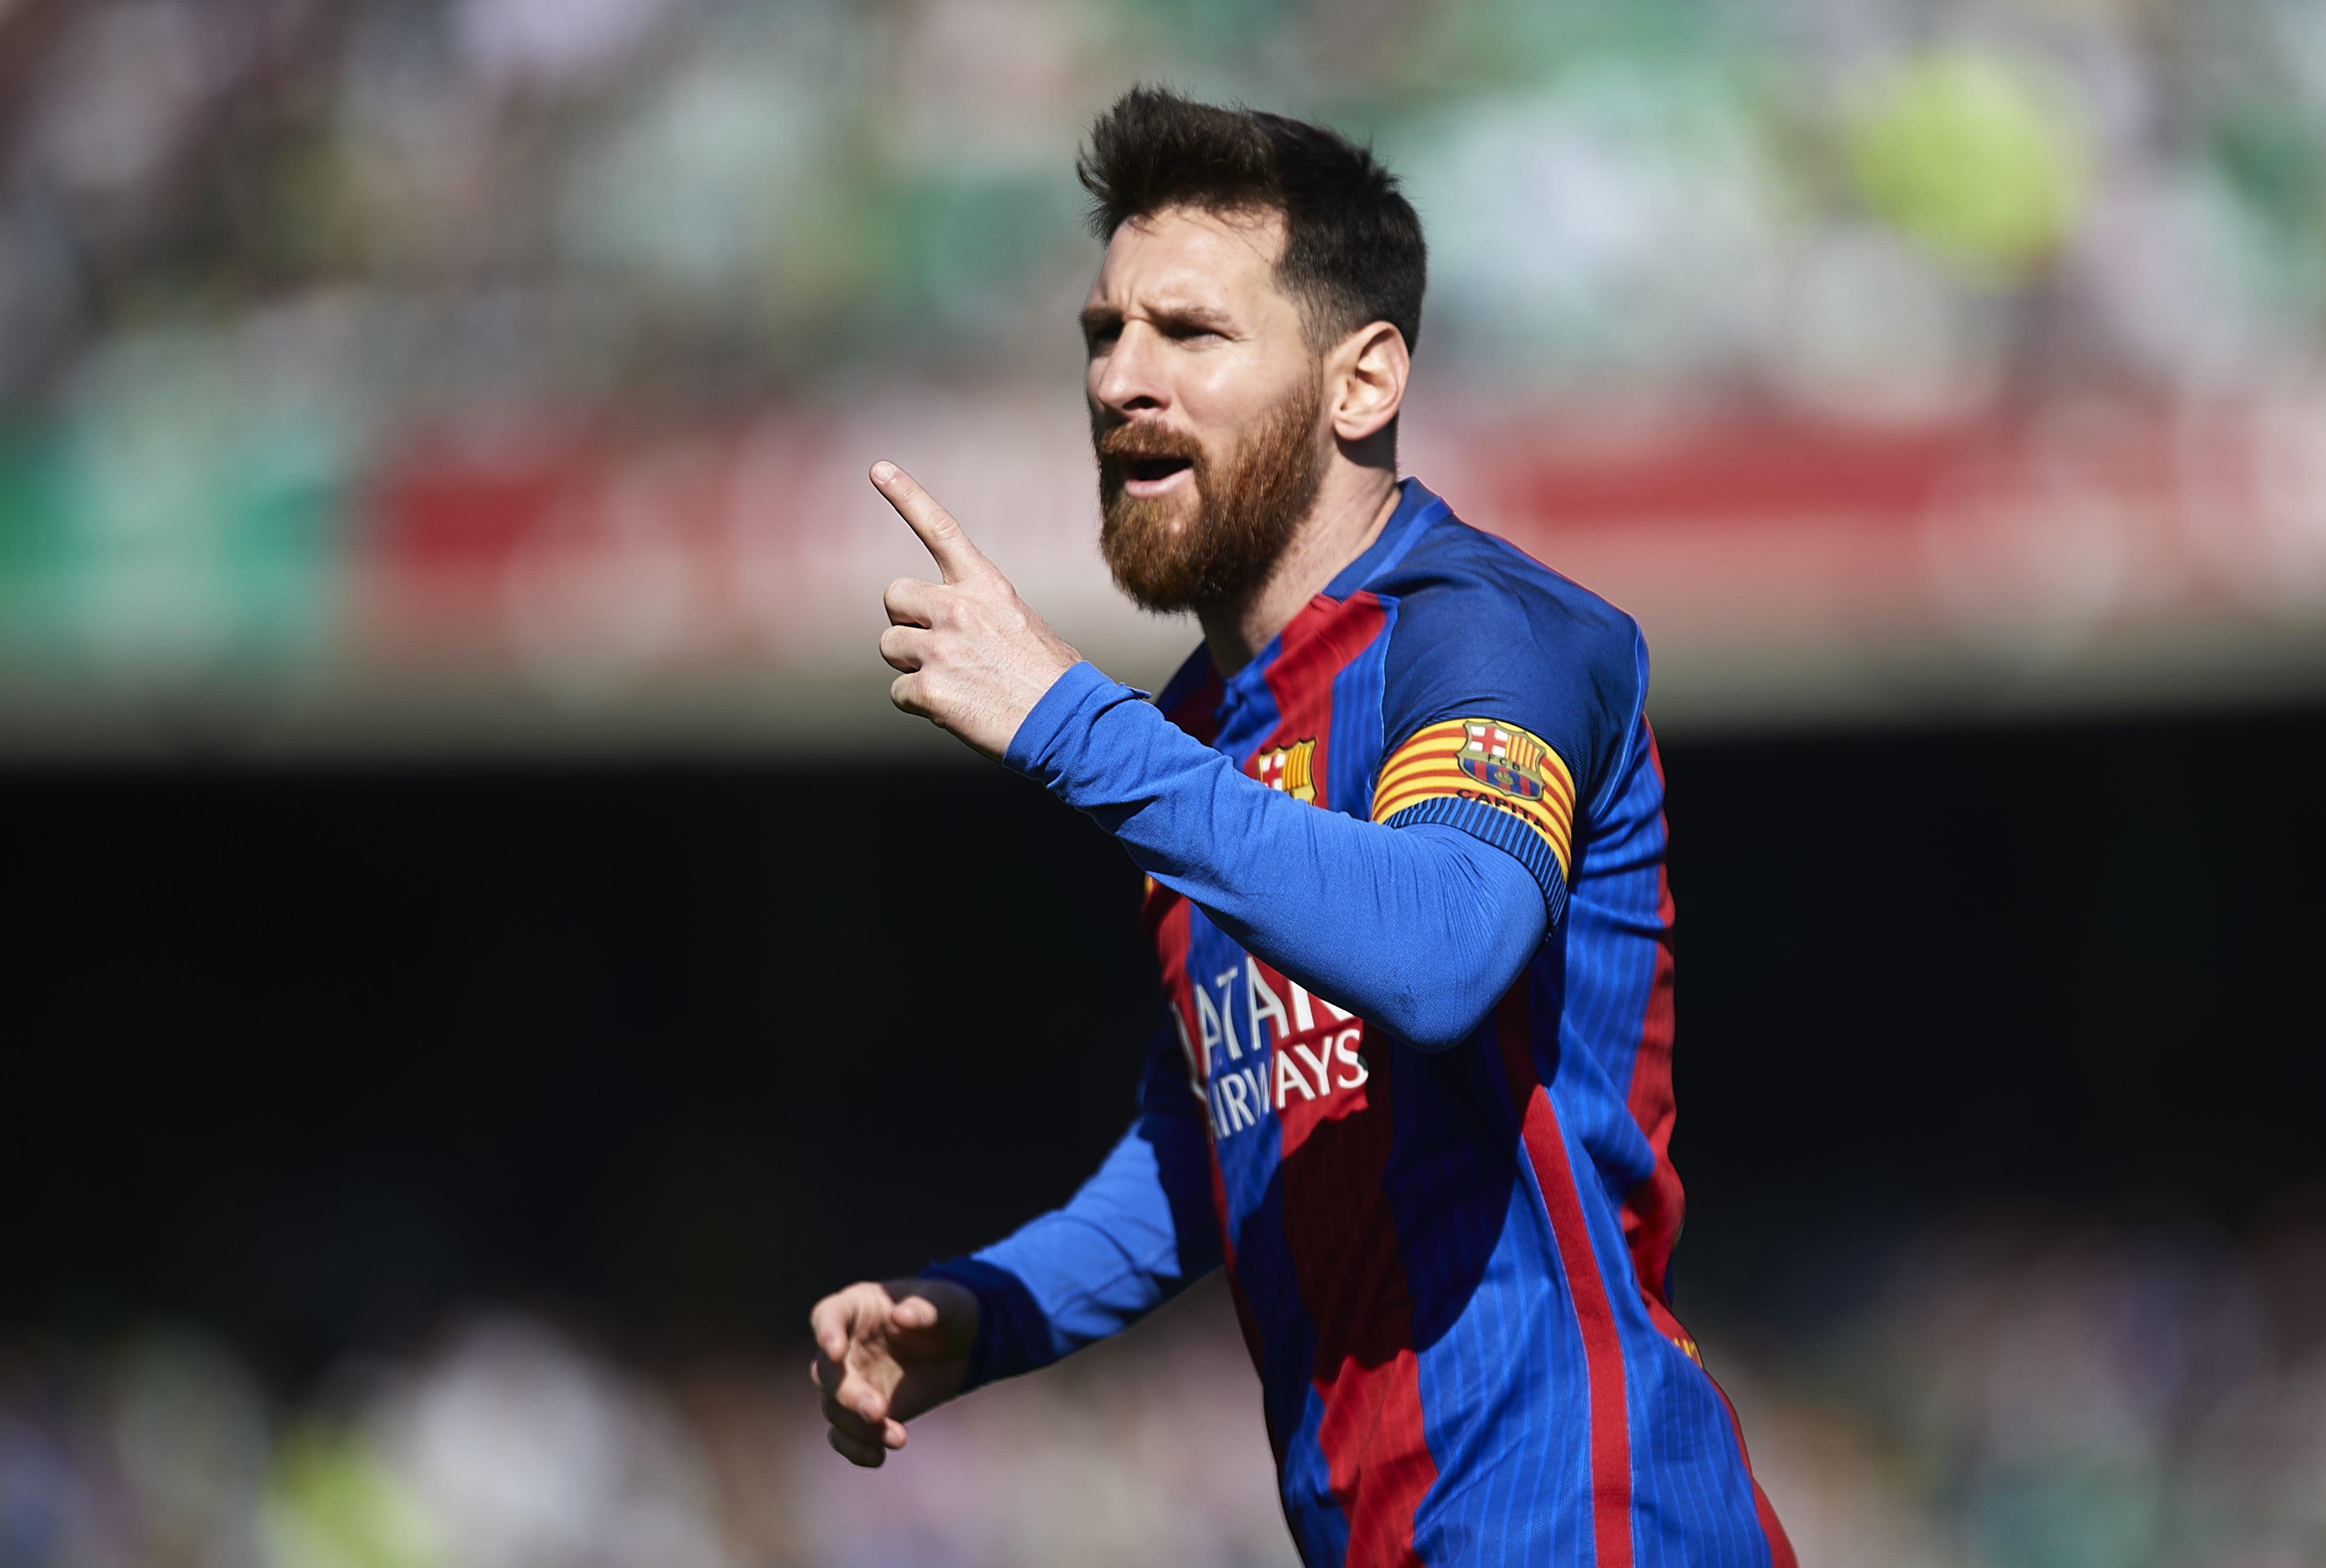 Lionel Messi kilka lat temu przyznał się, że ma zespół Aspergera